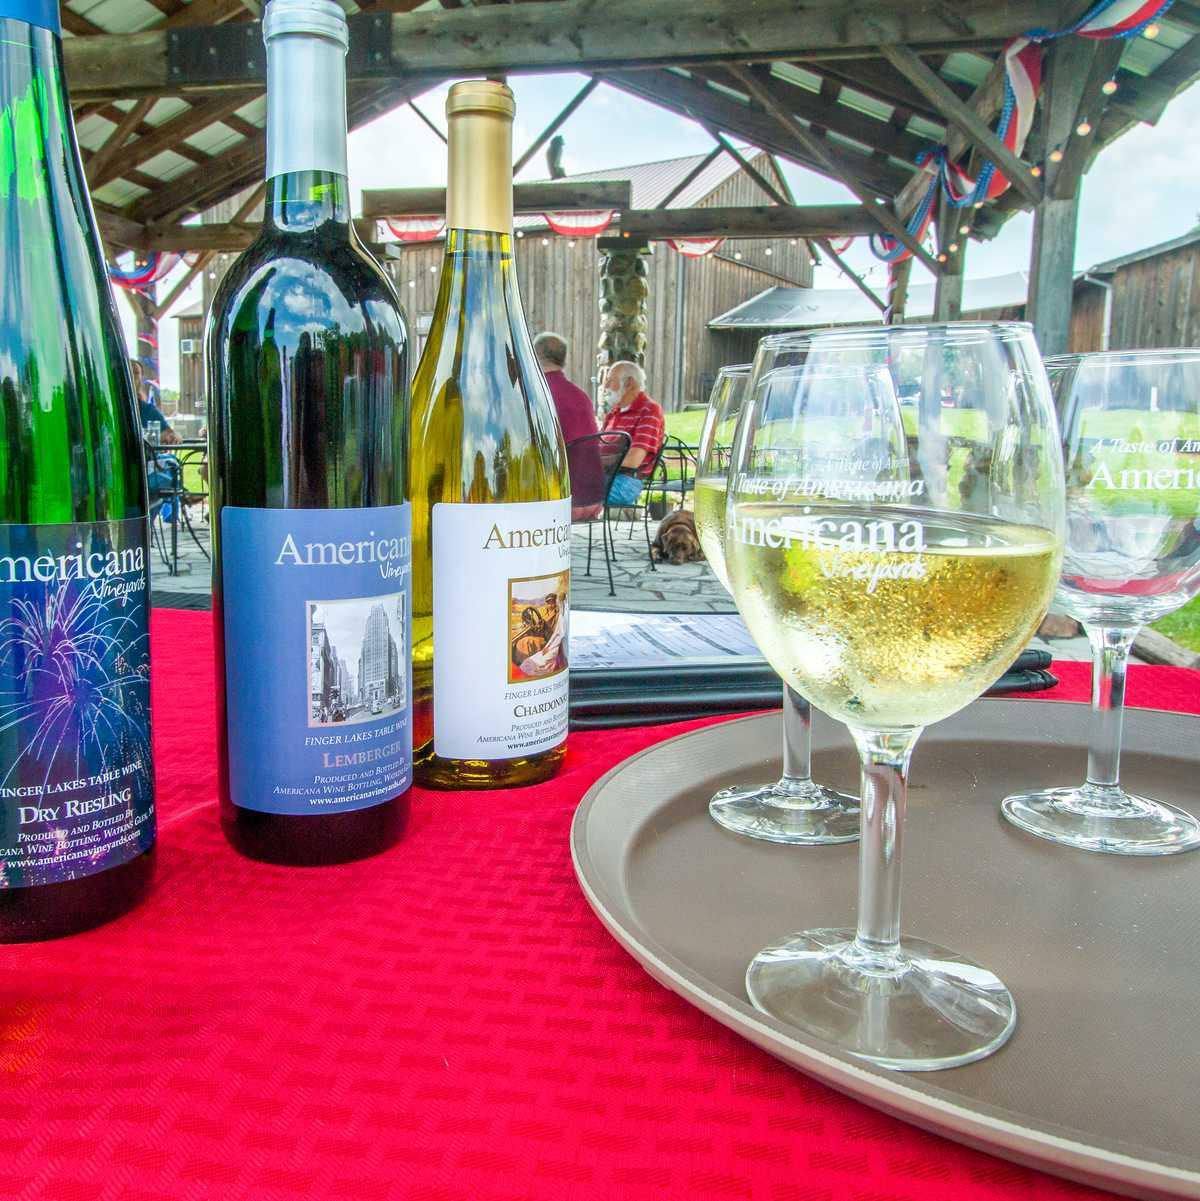 Wein der Americana Winery aus dem Finger Lakes Weinanbaugebiet in den USA